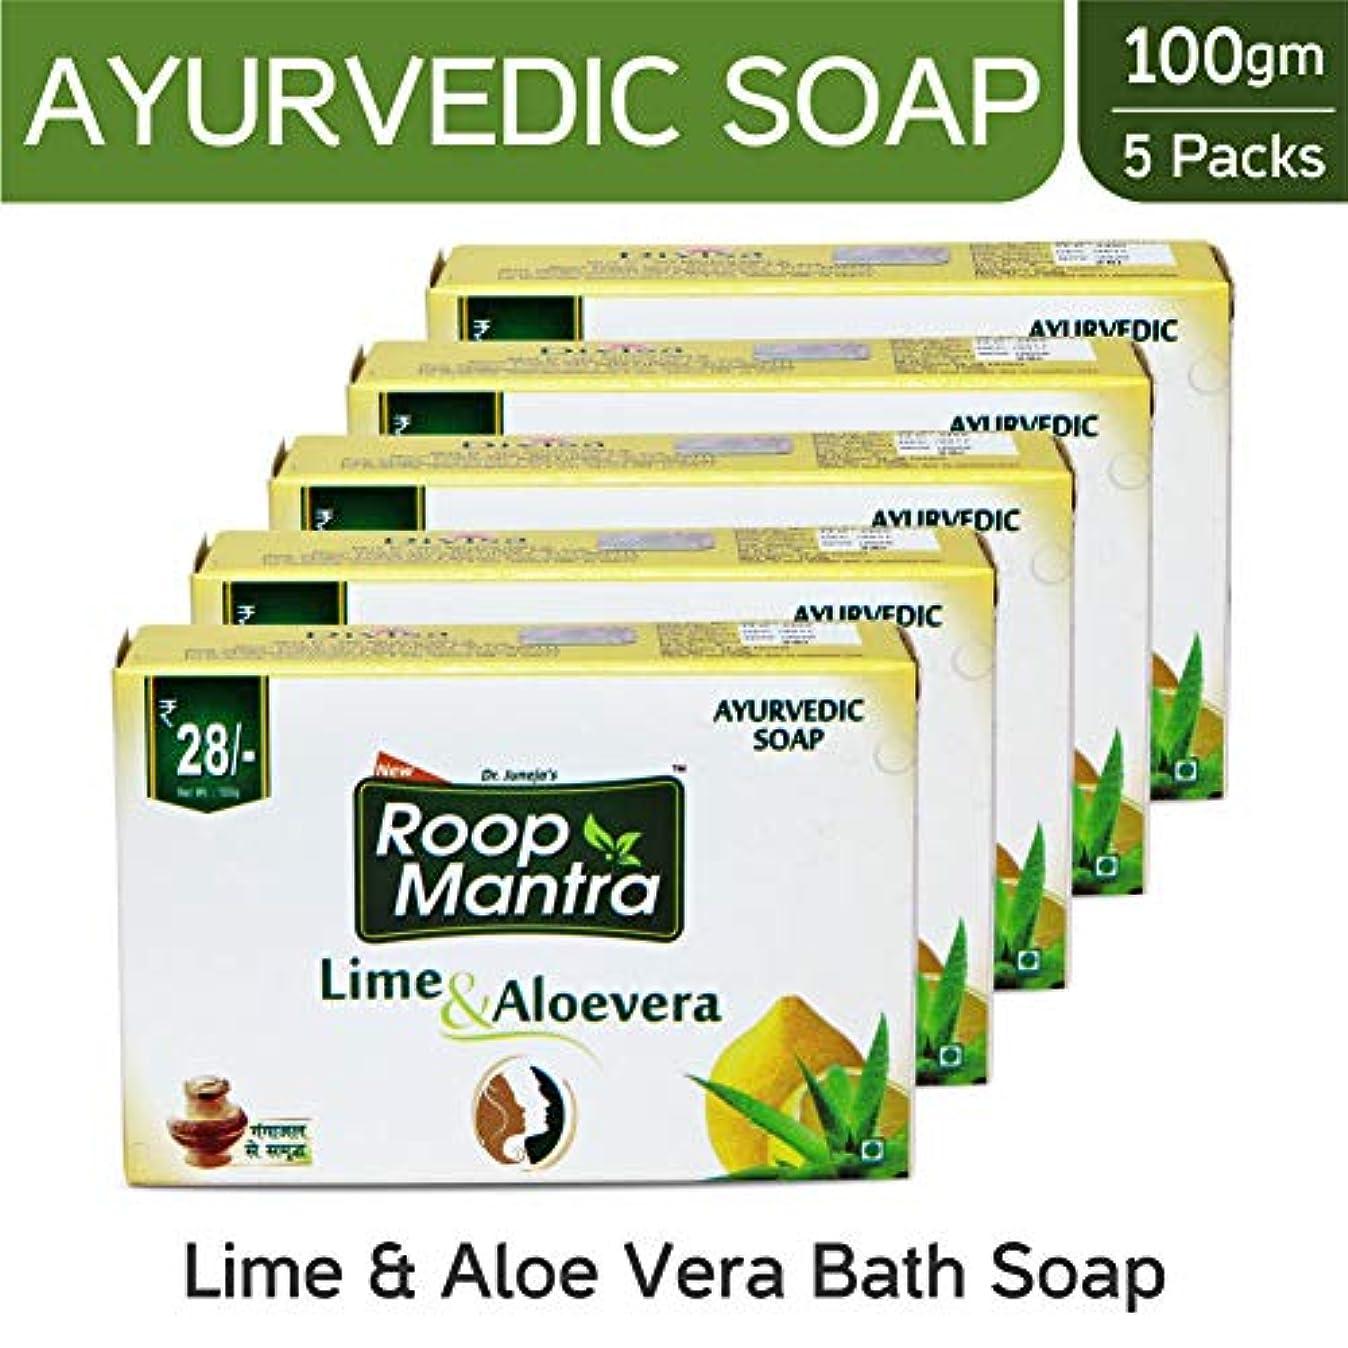 ご予約怒って値するRoop Mantra Ayurvedic Bath Soap, Lime and Aloevera, 100g (Pack of 5)